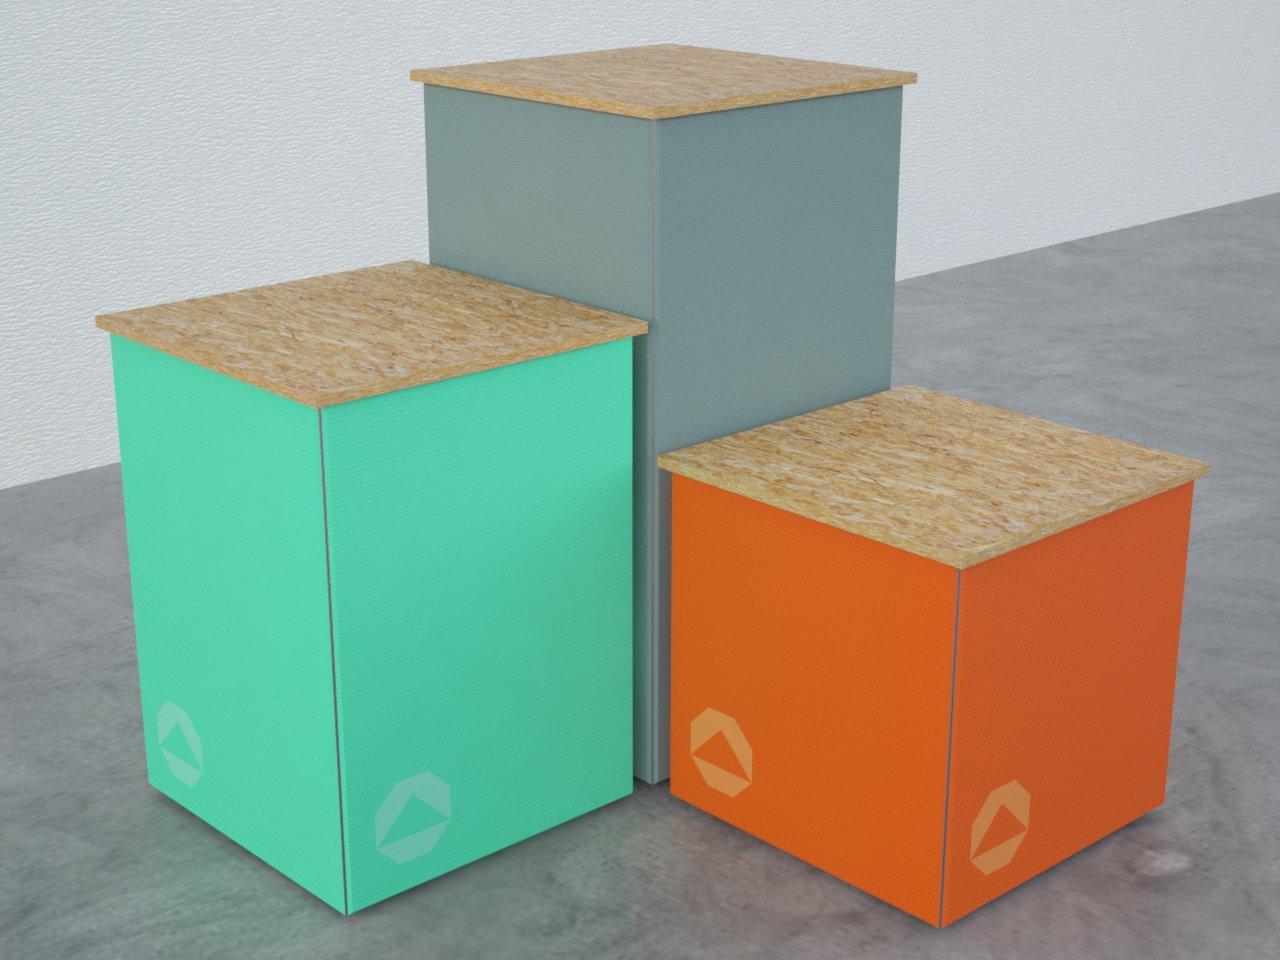 Cubos de alumínio com tecido esticado para exposições. Ideal para expor produtos em lojas, stands, dentre outros ambientes comerciais.